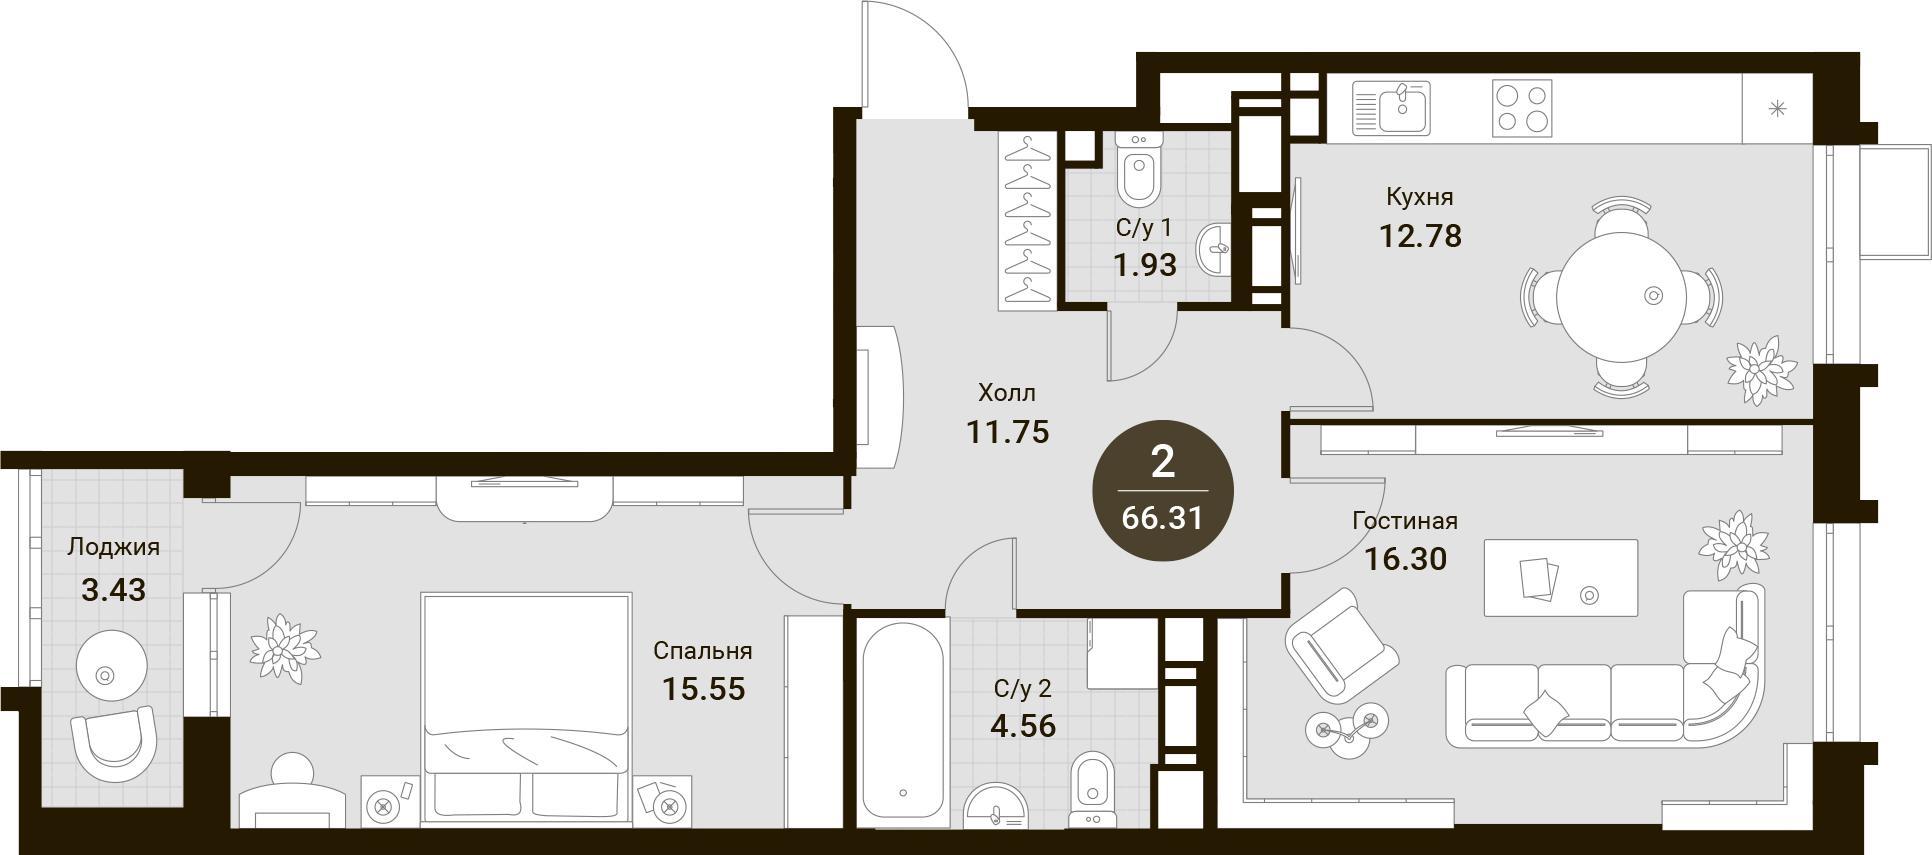 2-комнатная, 66.31 м²– 2